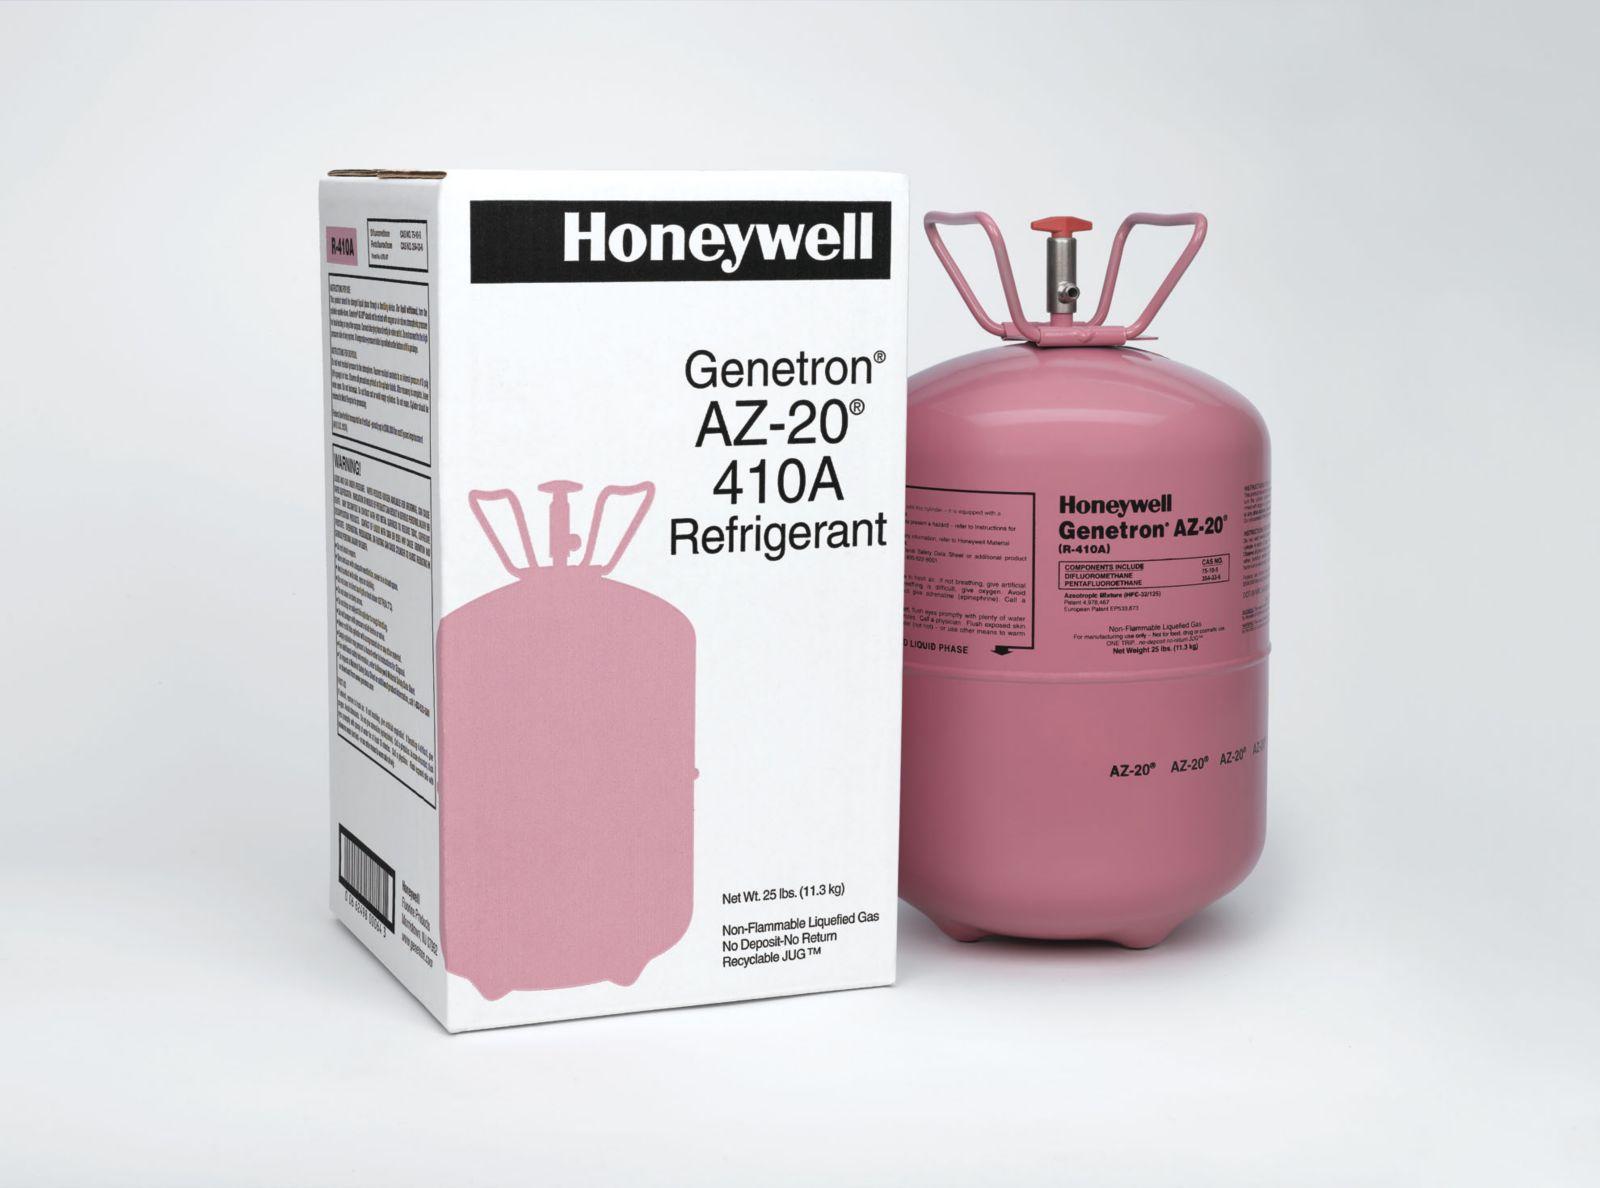 Honeywell AZ-20 410a Image